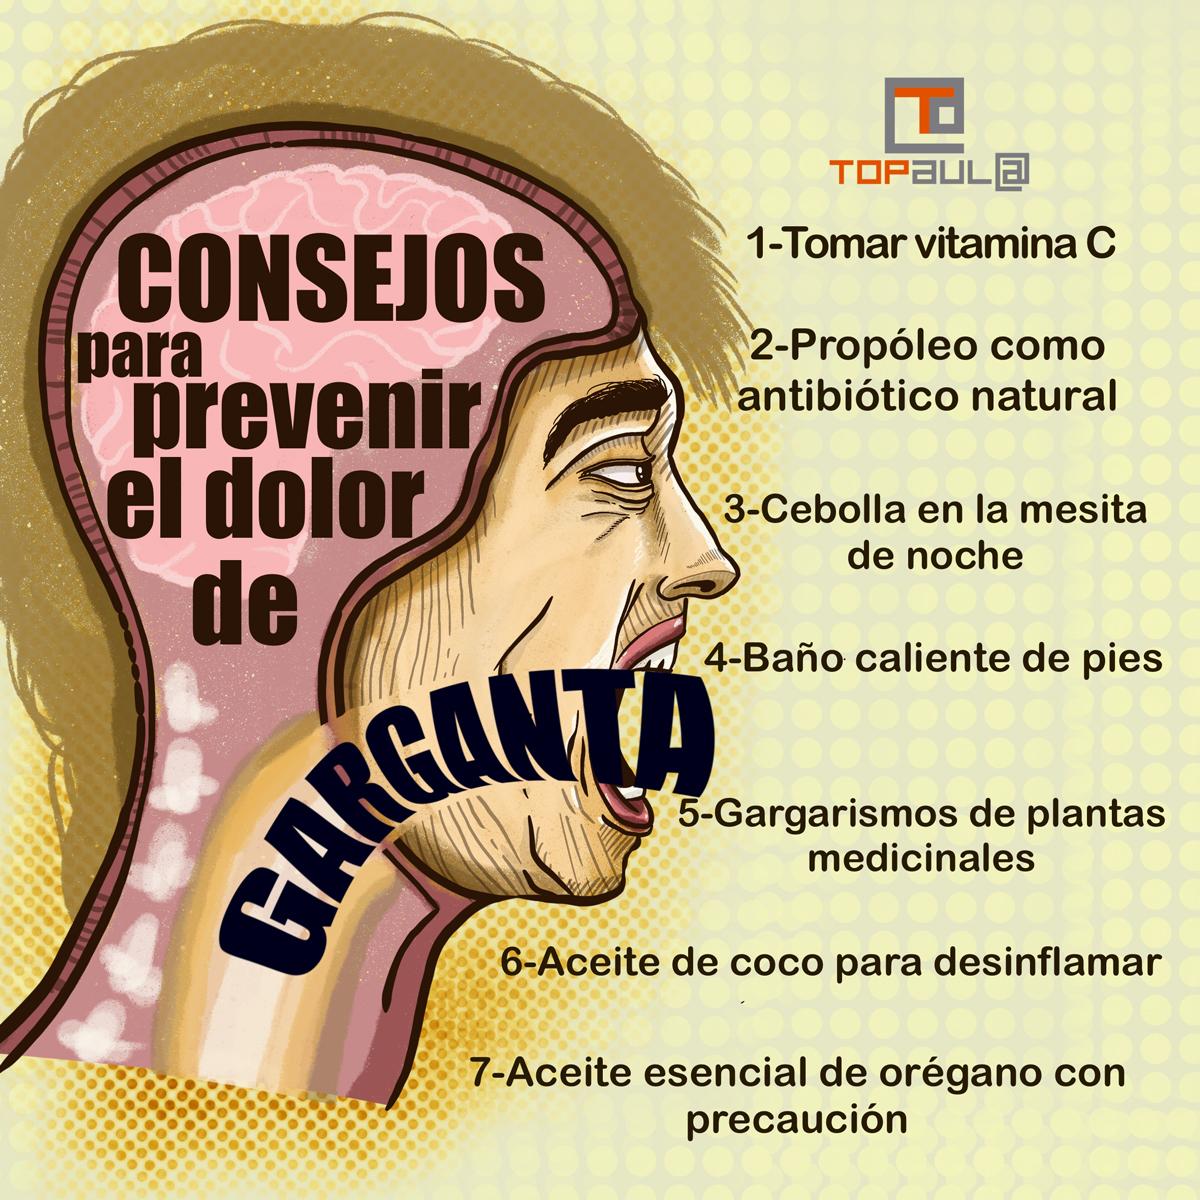 Infografía Consejos para prevenir el dolor de garganta - www.topaula.com